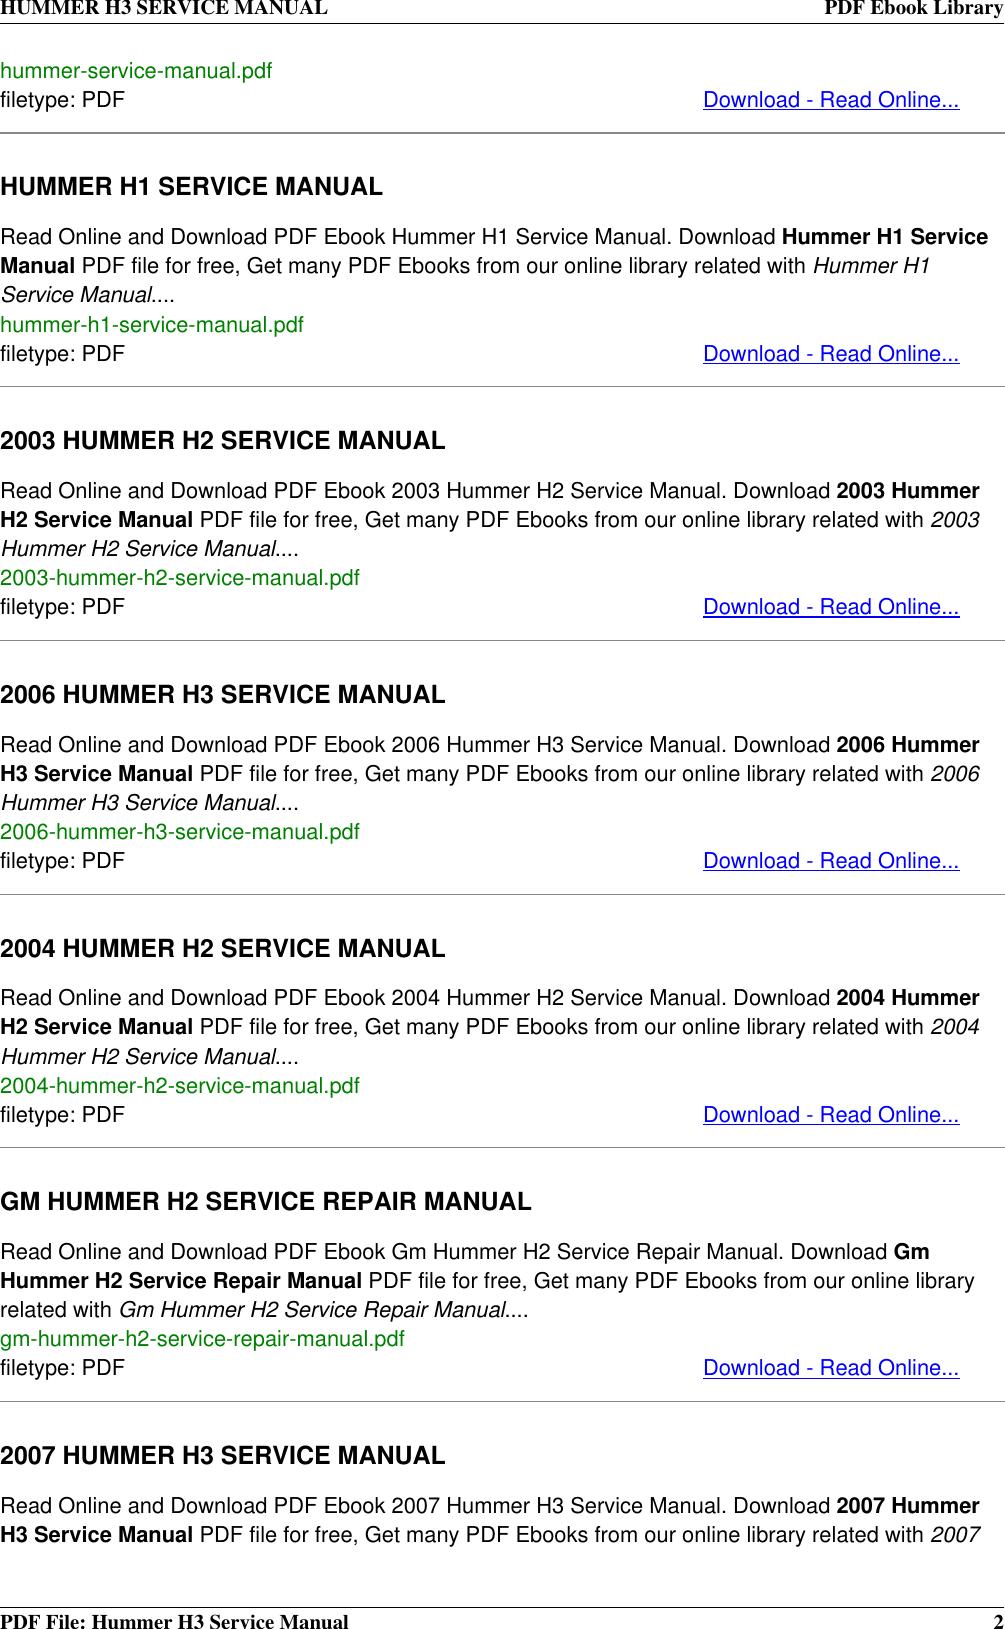 mercedes benz repair manual for 03 e320 ebook